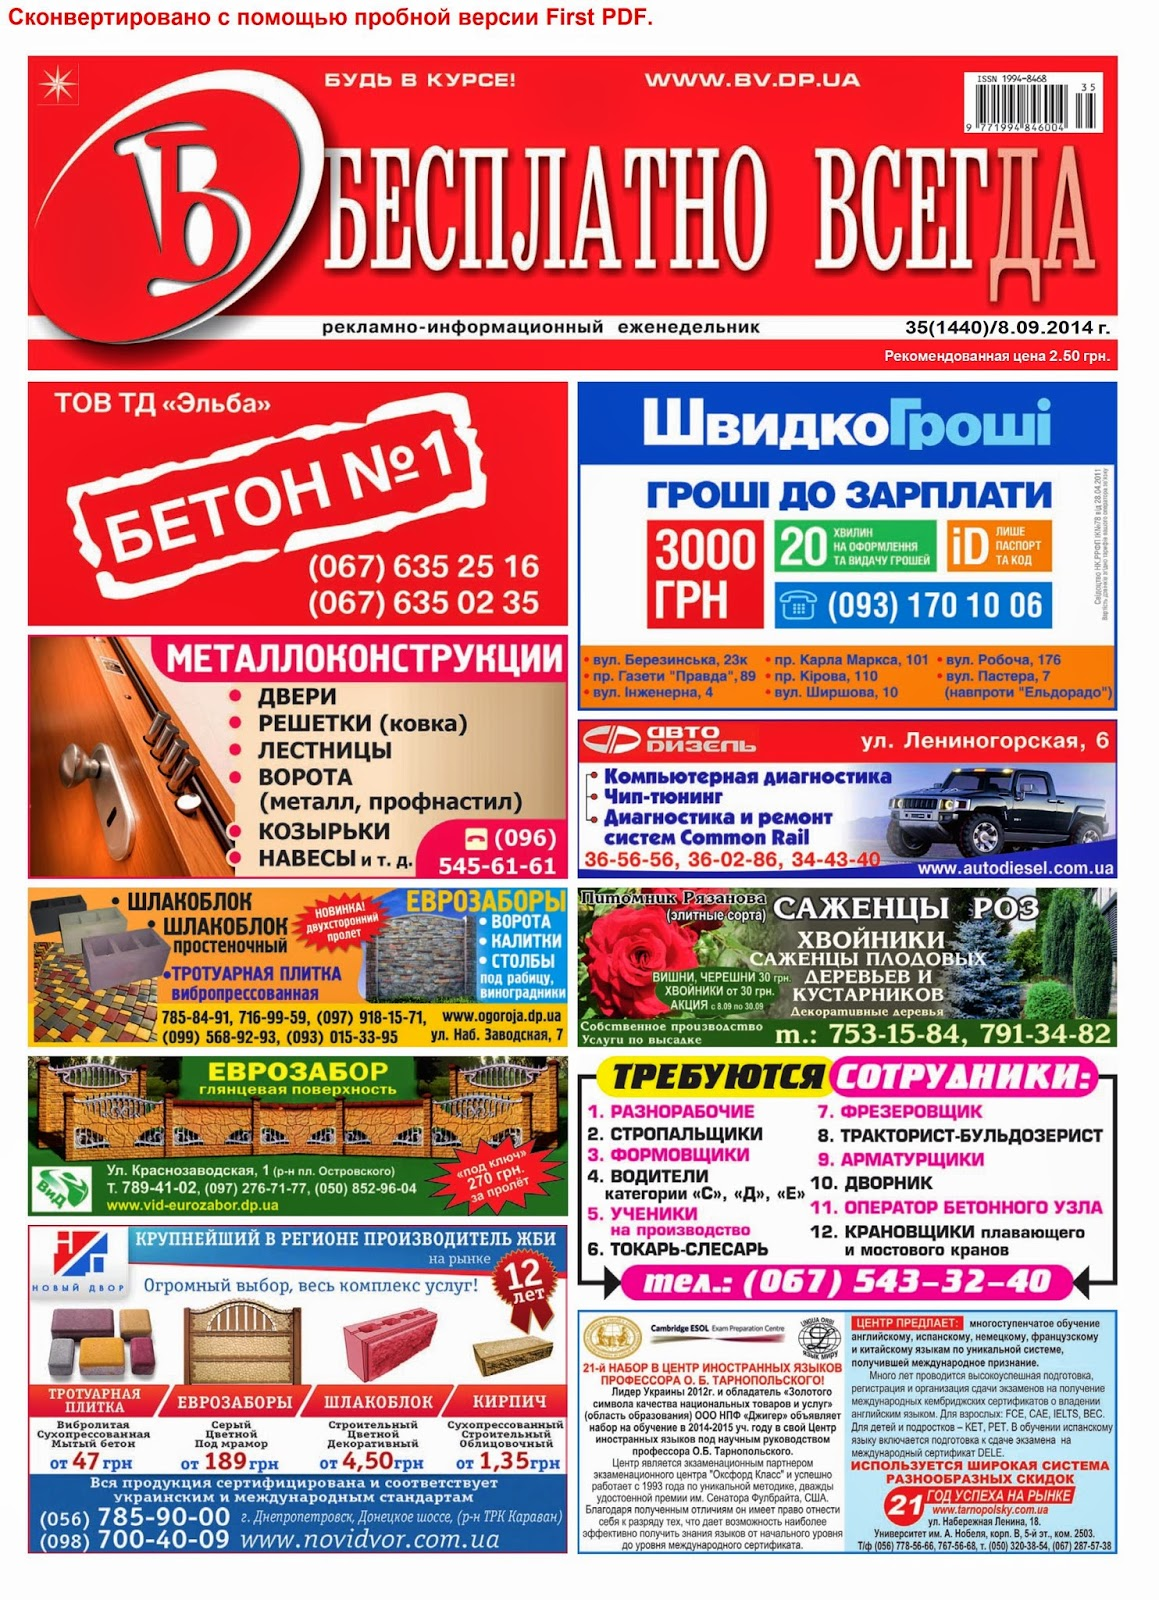 Газета бесплатно всегда объявление днепропетровск лучше дать объявление продаже машины